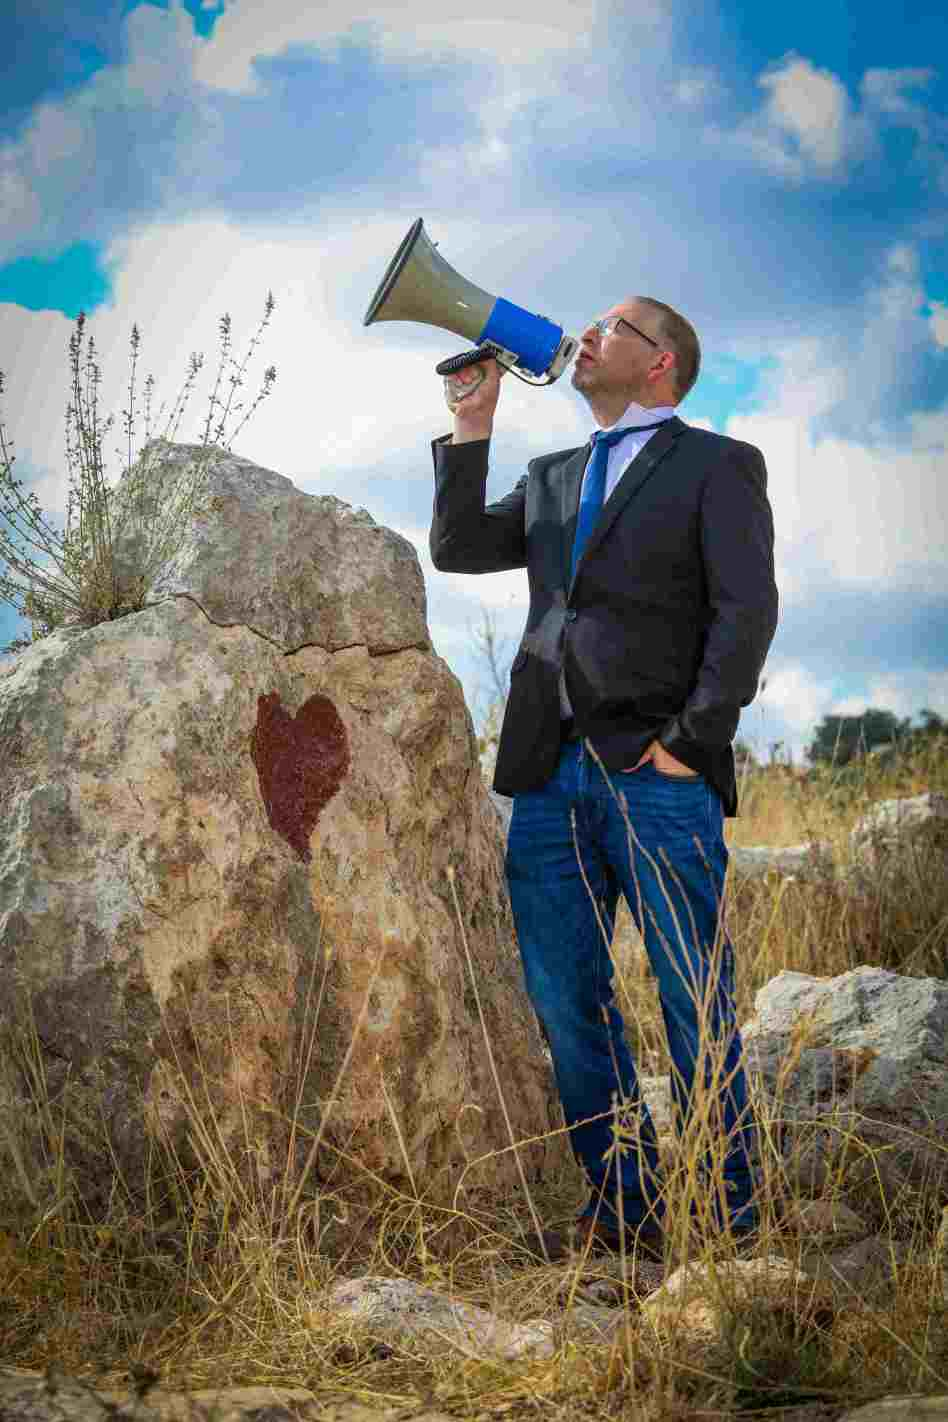 אביעד גליקמן (צילום: שלומי יוסף)